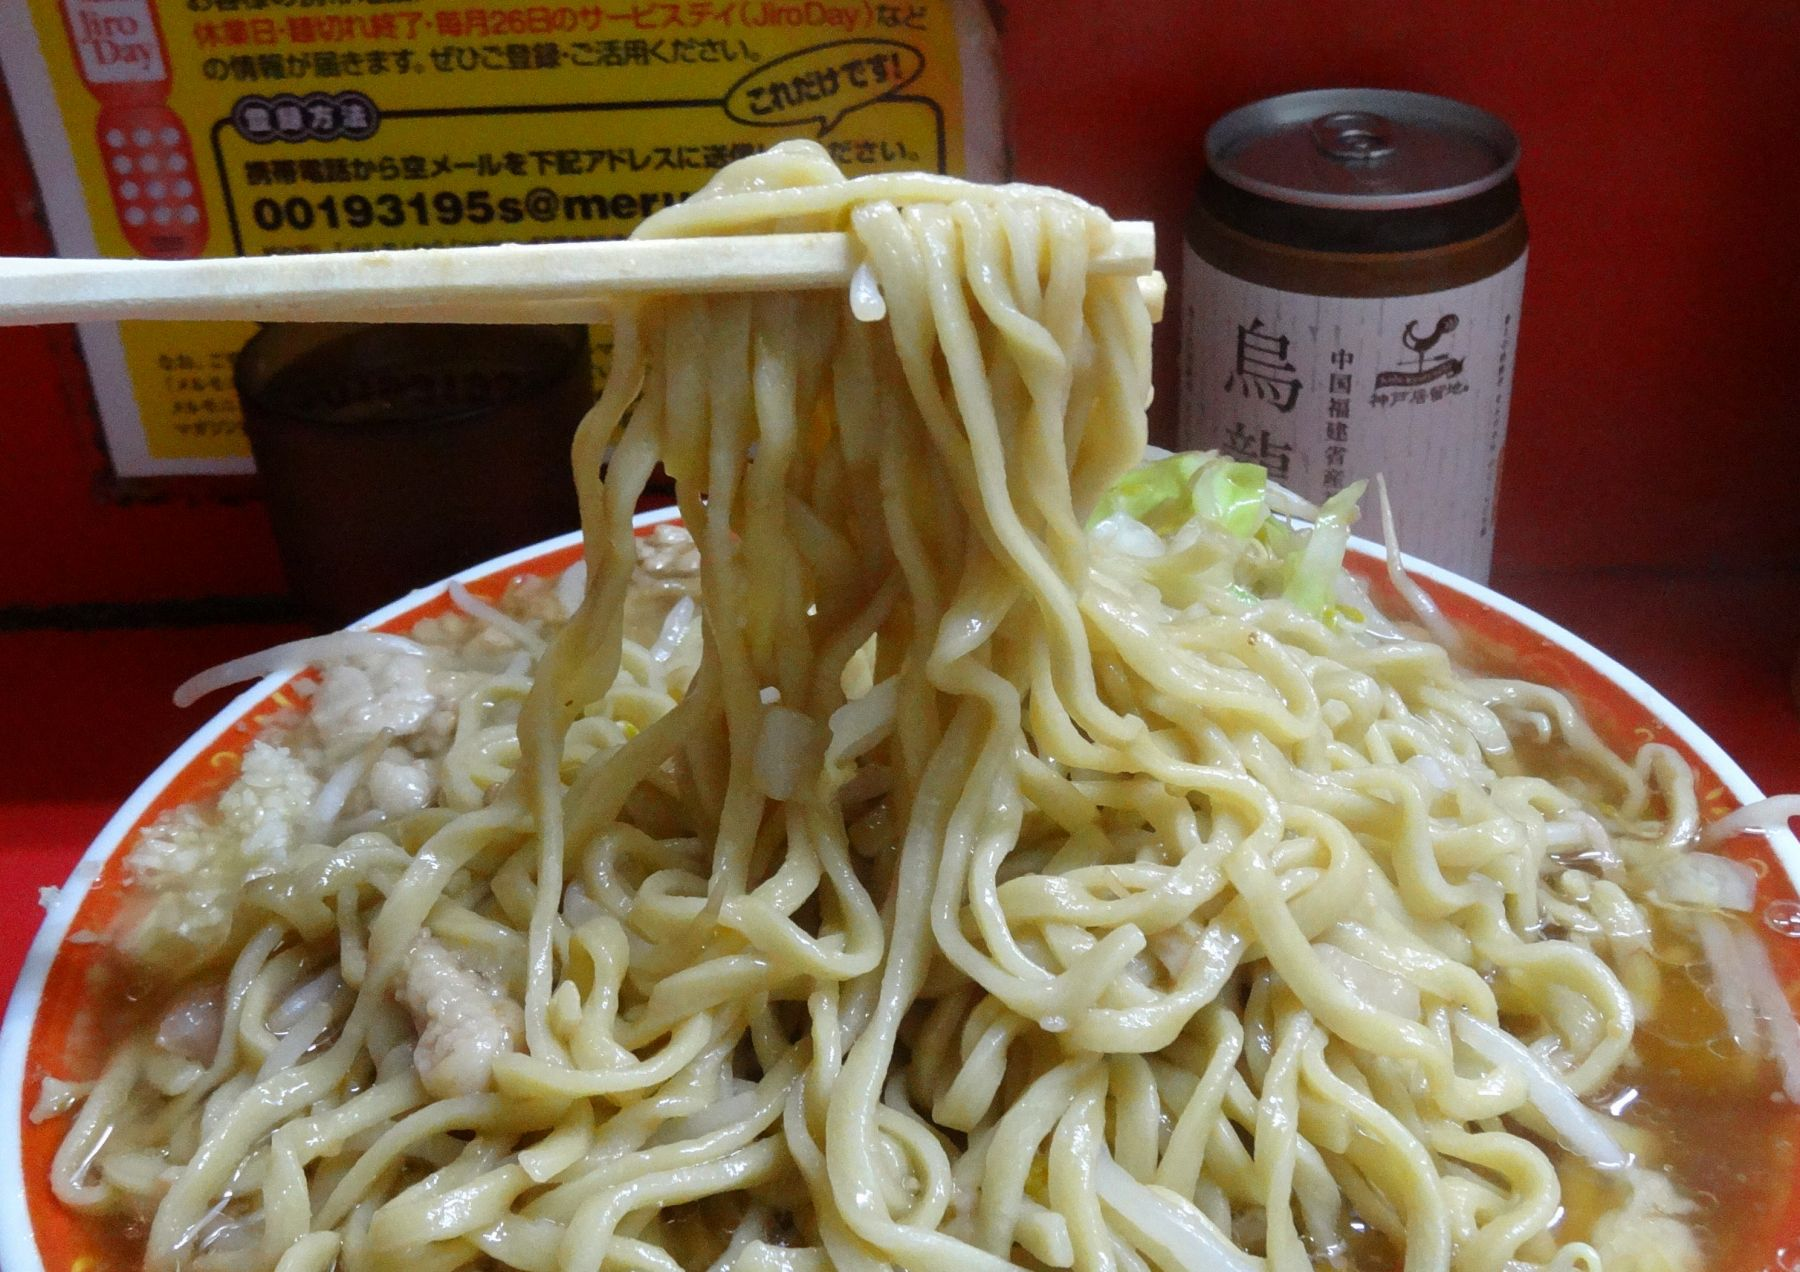 20121120003kaminoge.jpg